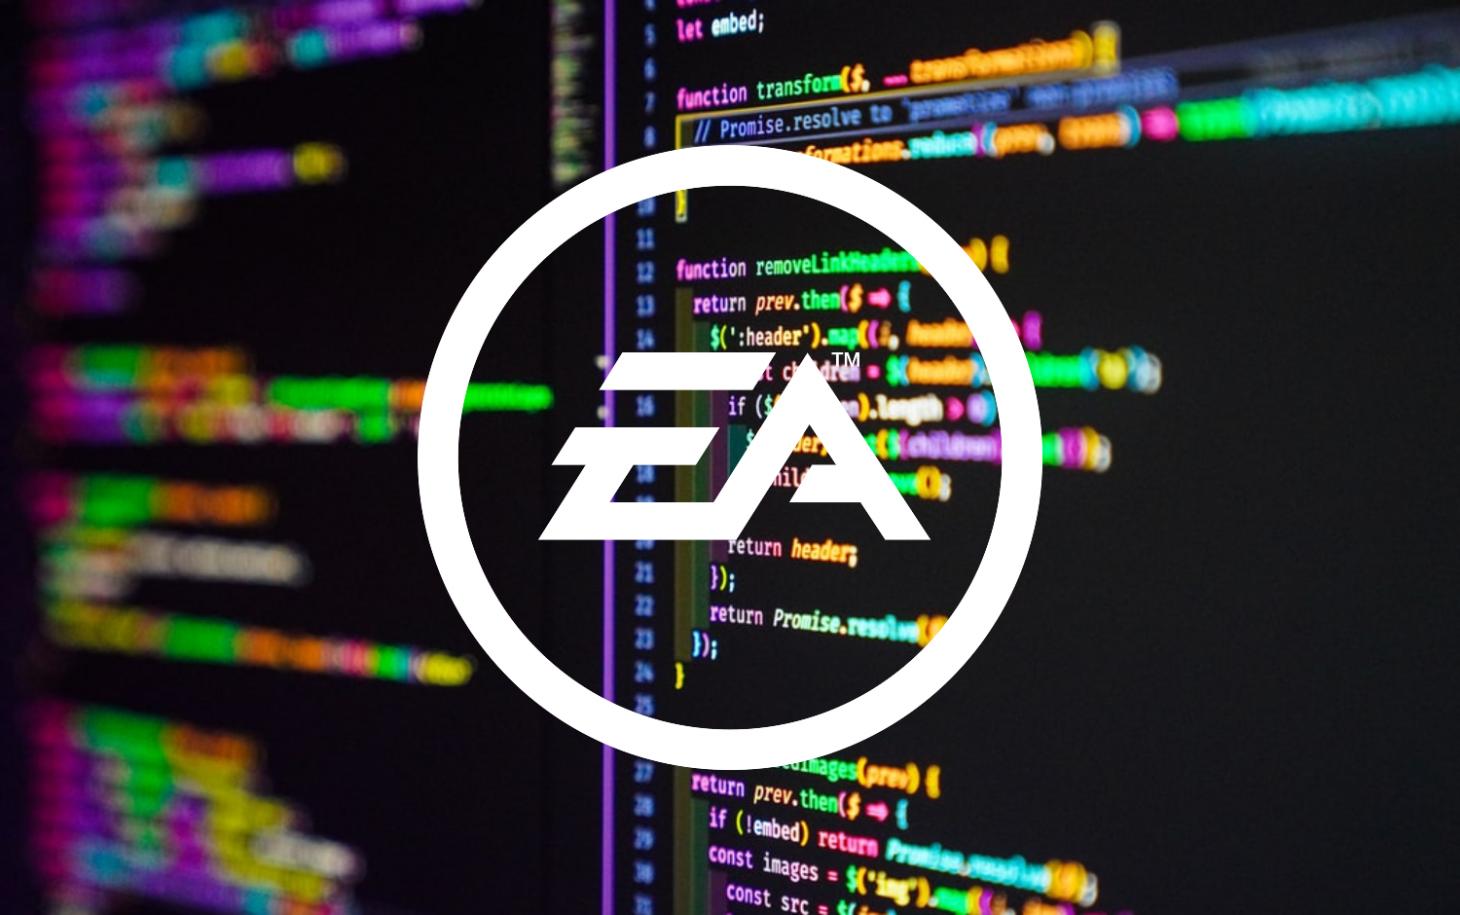 Хакеры взломали EA и увели 780 Гб данных, включая исходники FIFA 21 и Frostbite